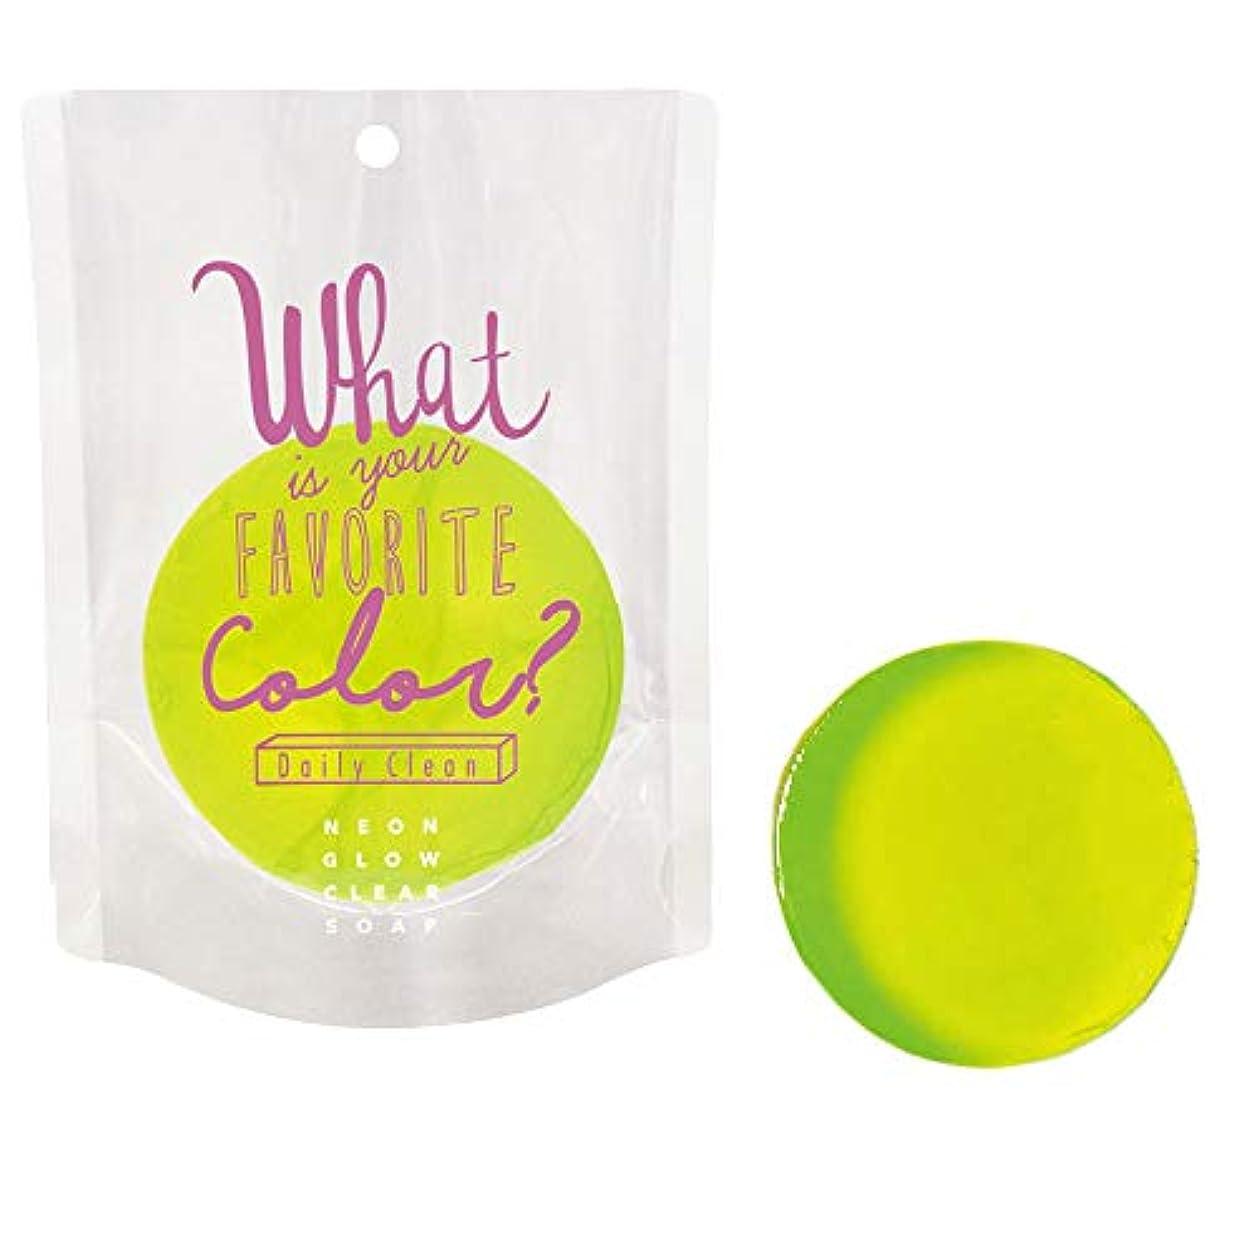 民間人失敗ボーダーネオングロークリアソープ ob-ngw-2-1-4(02/パパイヤ) Neon Glow Clear Soap 石鹸 ノルコーポレーション 固形 せっけん カラフル 香り 清潔 ギフト プレゼント